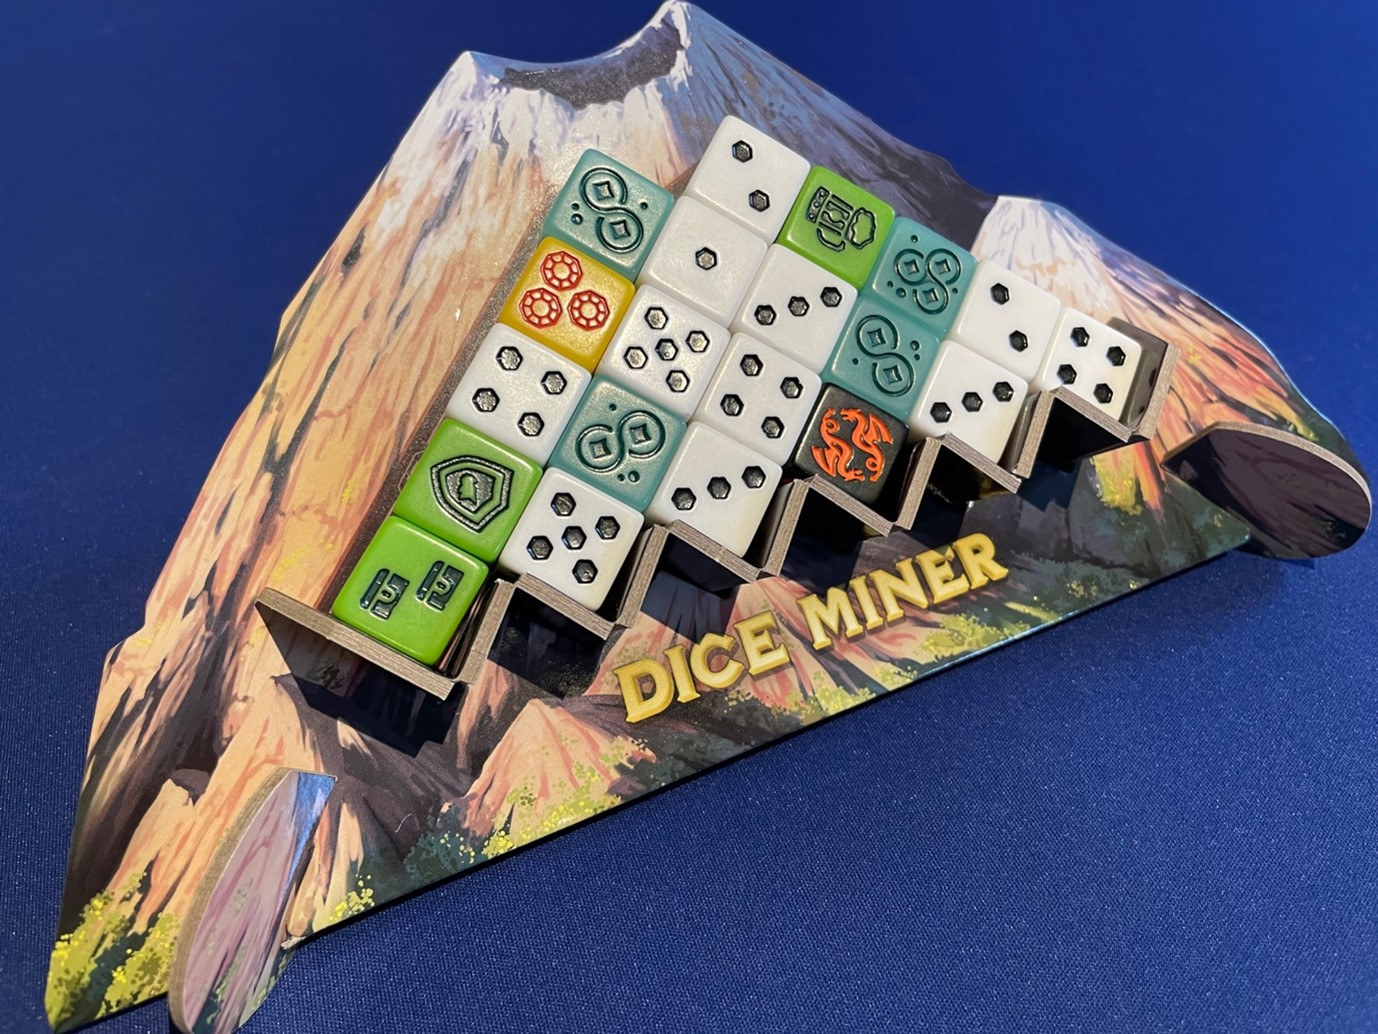 Dice Miner Setup